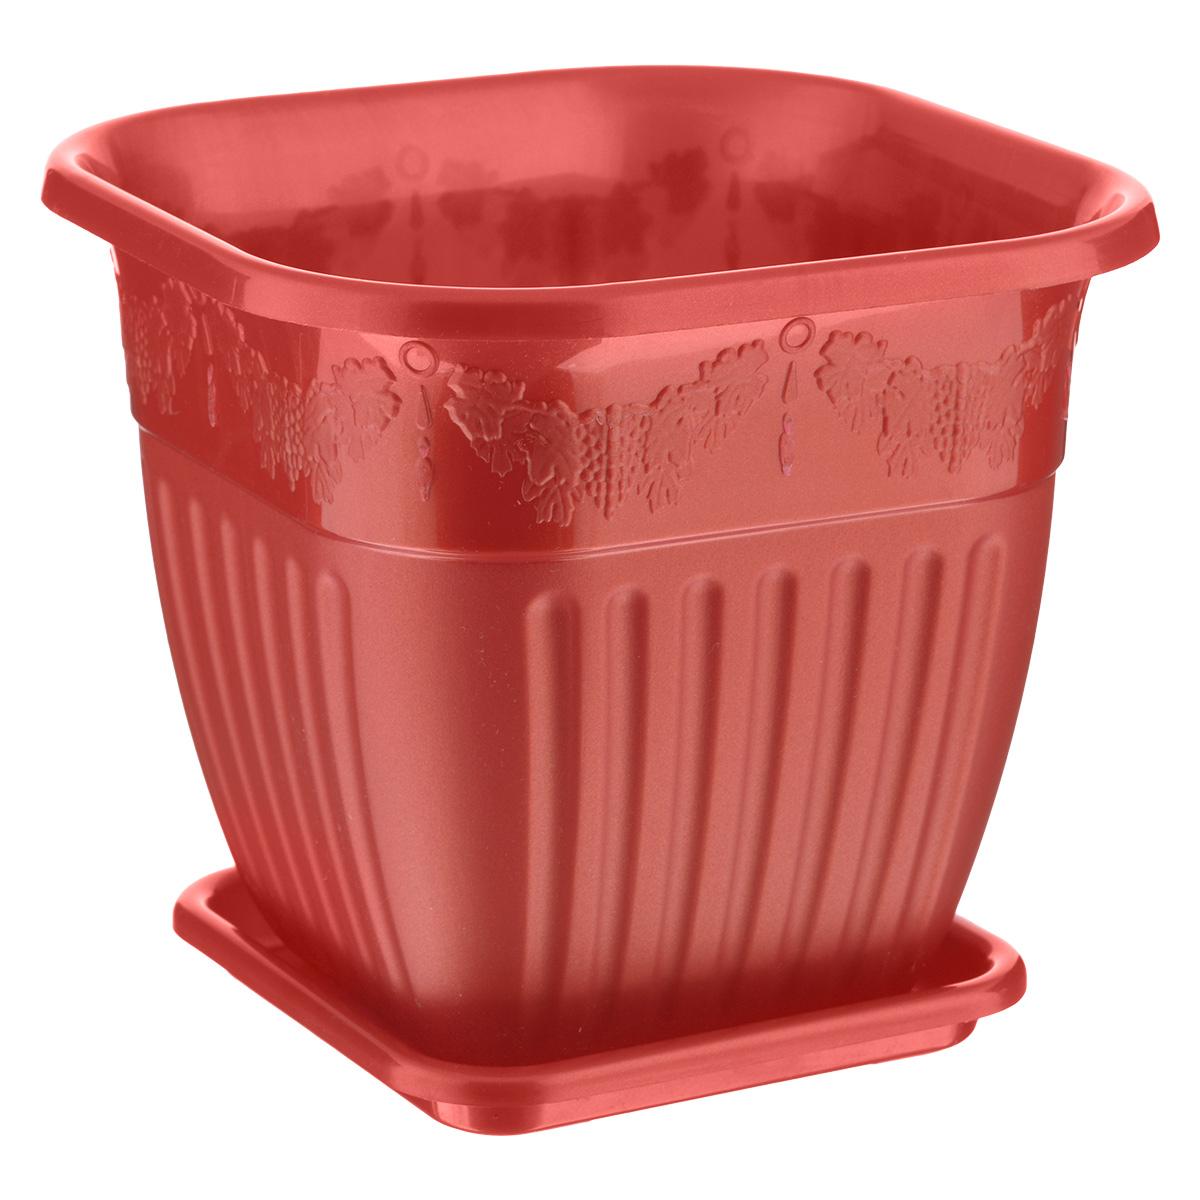 Горшок-кашпо Альтернатива Лозанна, с поддоном, 3 лZ-0307Горшок-кашпо Альтернатива Лозанна изготовлен из высококачественного пластика и оформлен рельефом в виде виноградной лозы. Специальный поддон предназначен для стока воды. Изделие прекрасно подходит для выращивания растений и цветов в домашних условиях. Стильный дизайн сделает такое кашпо отличным дополнением интерьера.